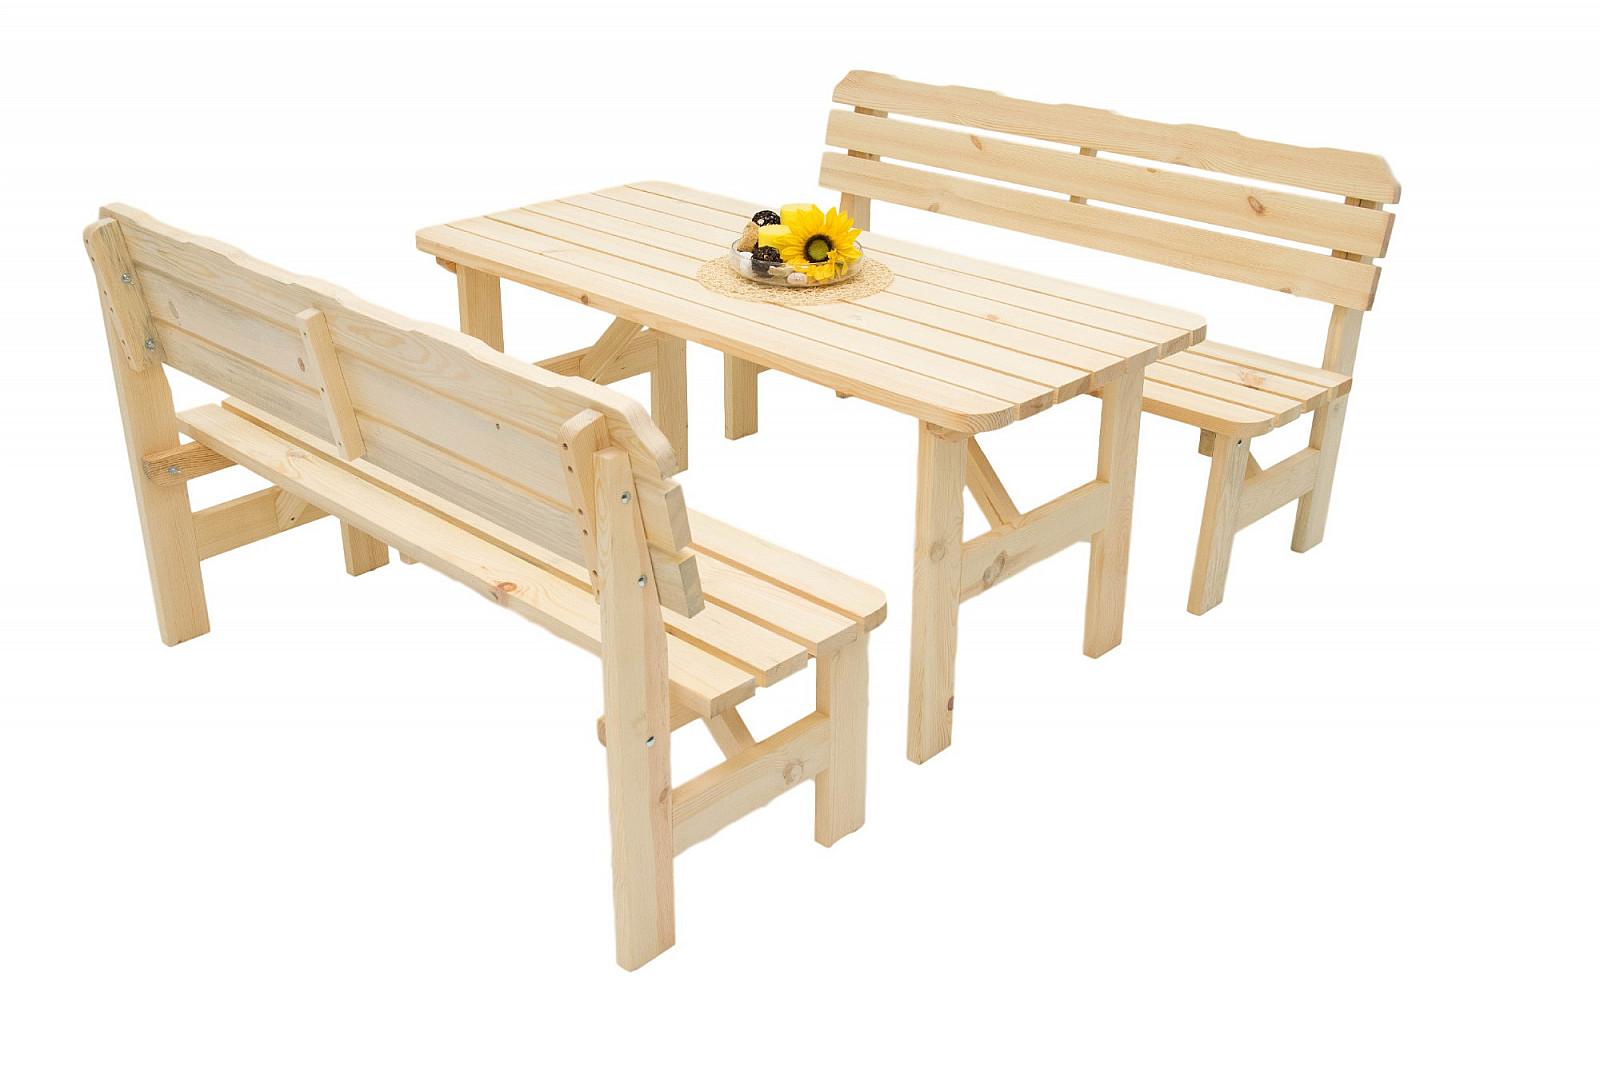 DEOKORK Masivní dřevěná zahradní sestava z borovice 1+2 dřevo 32 mm (180 cm)